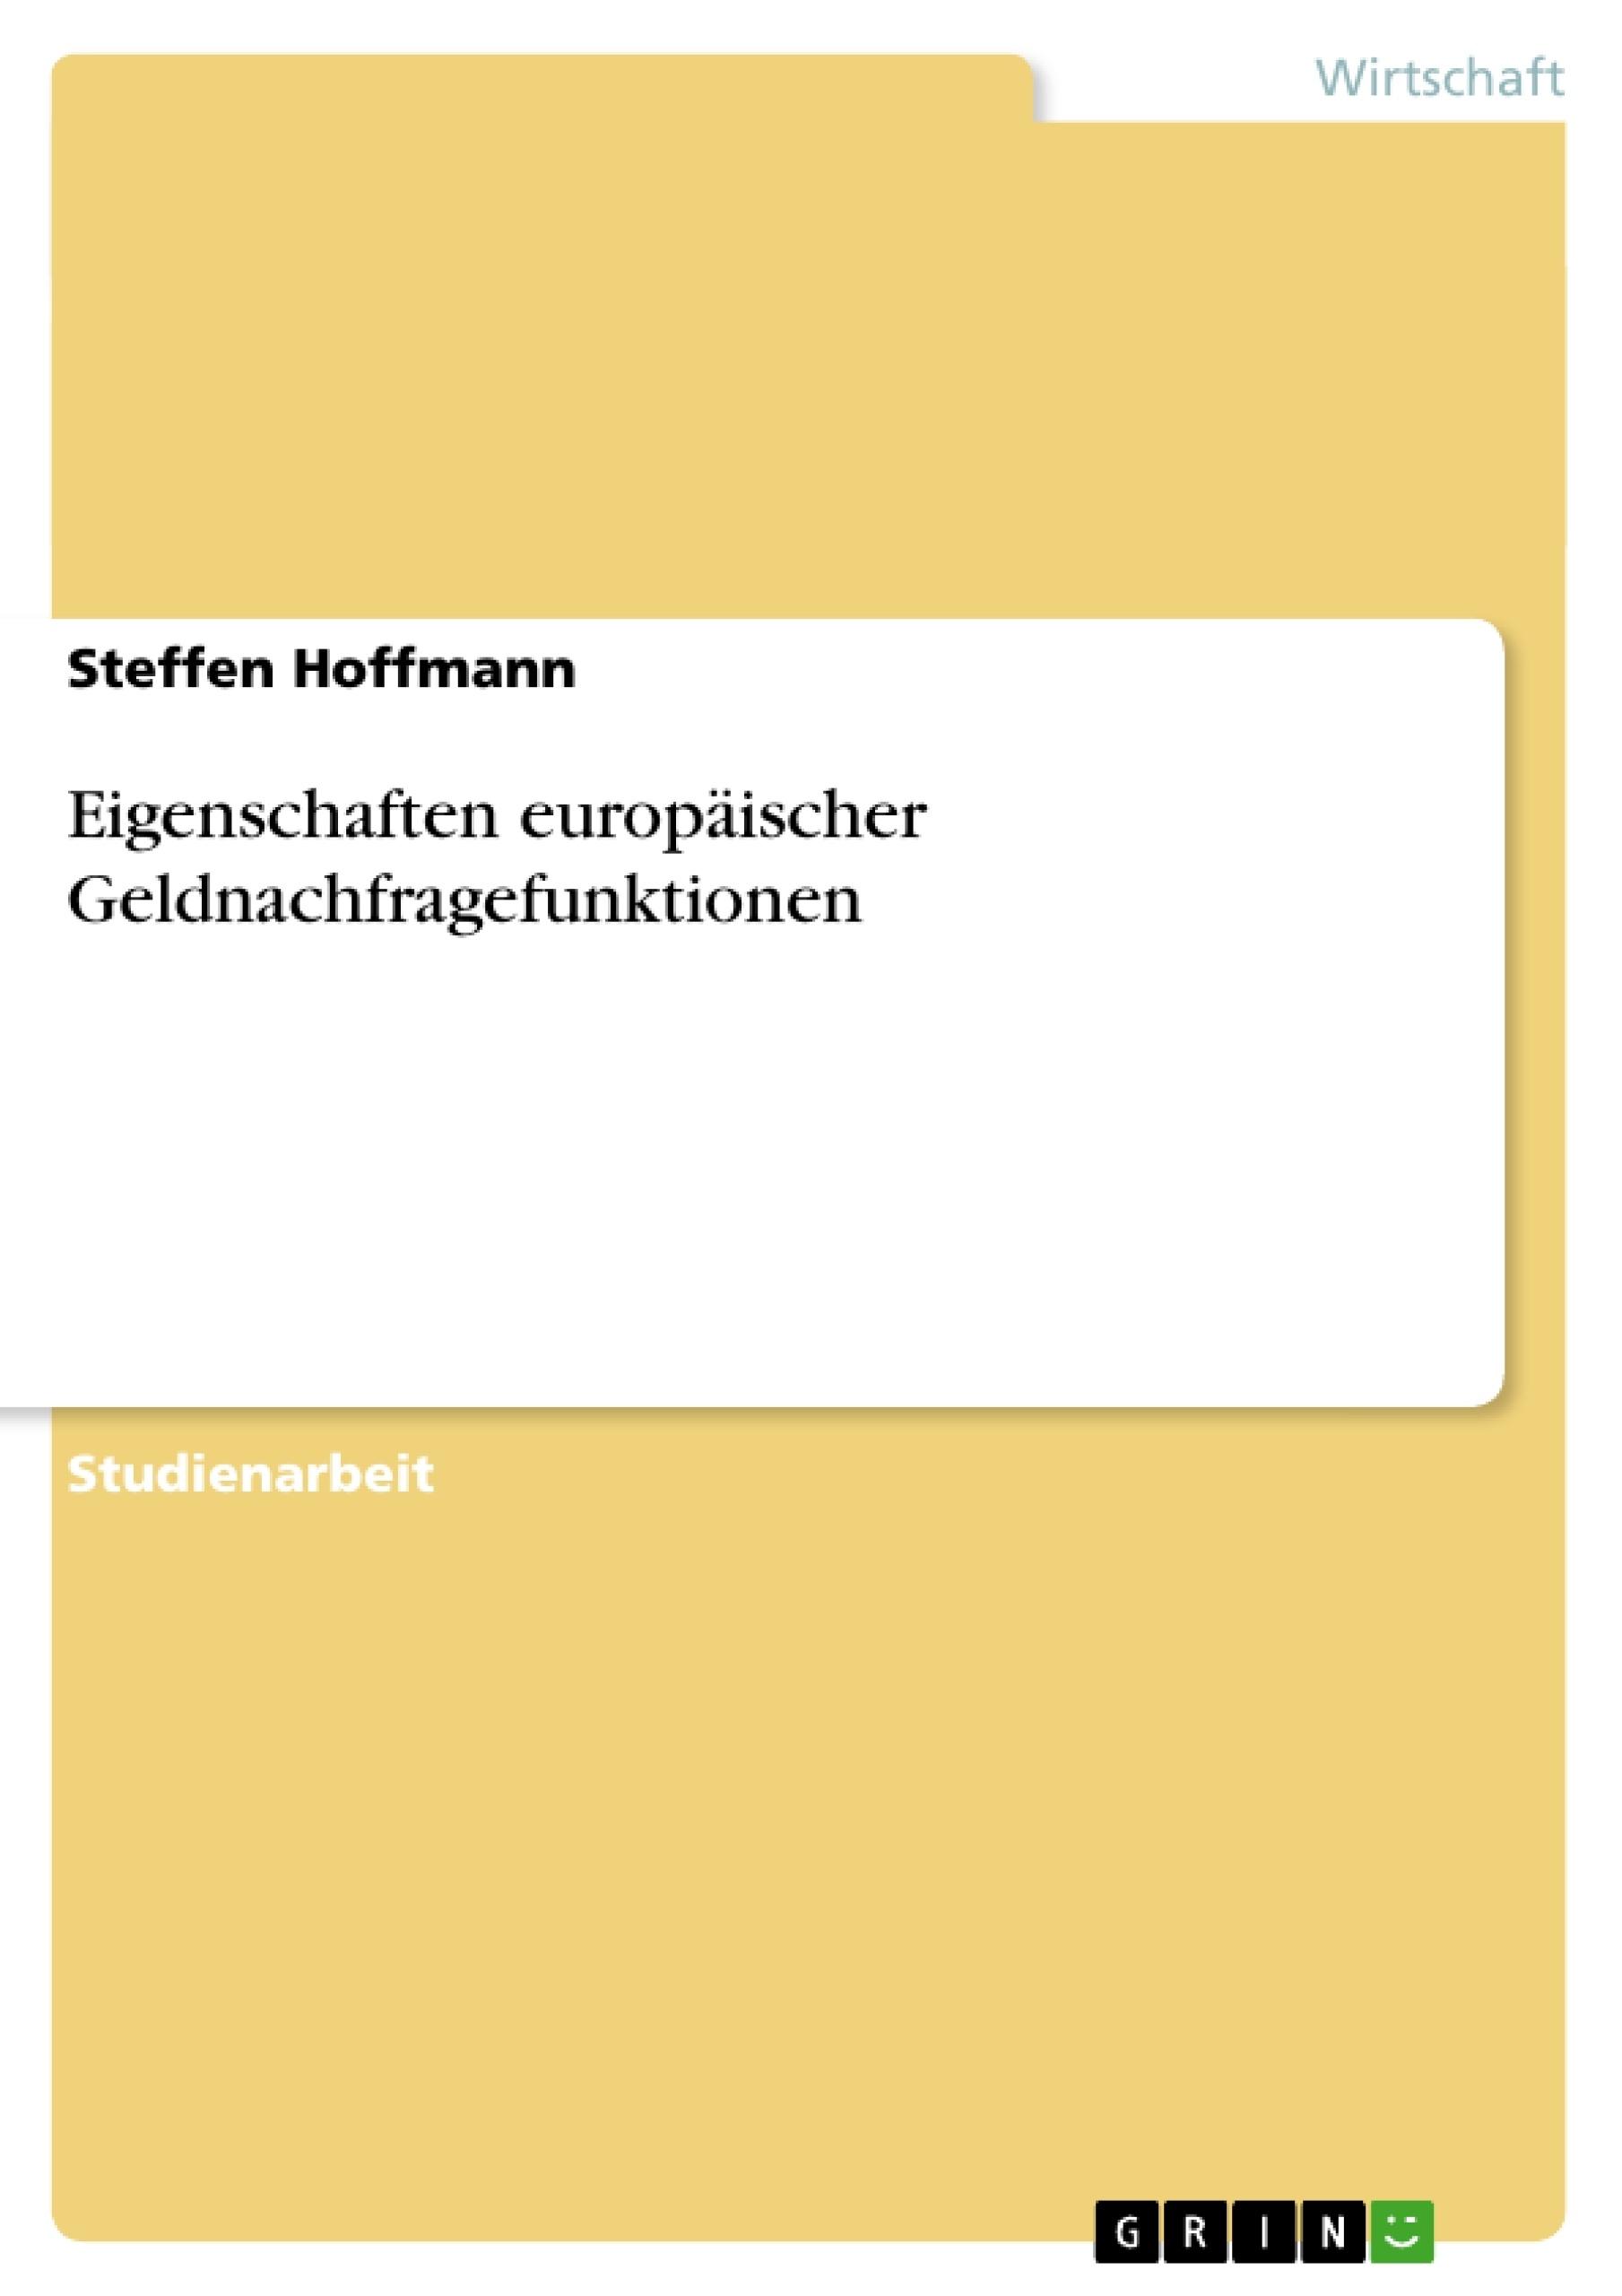 Titel: Eigenschaften europäischer Geldnachfragefunktionen